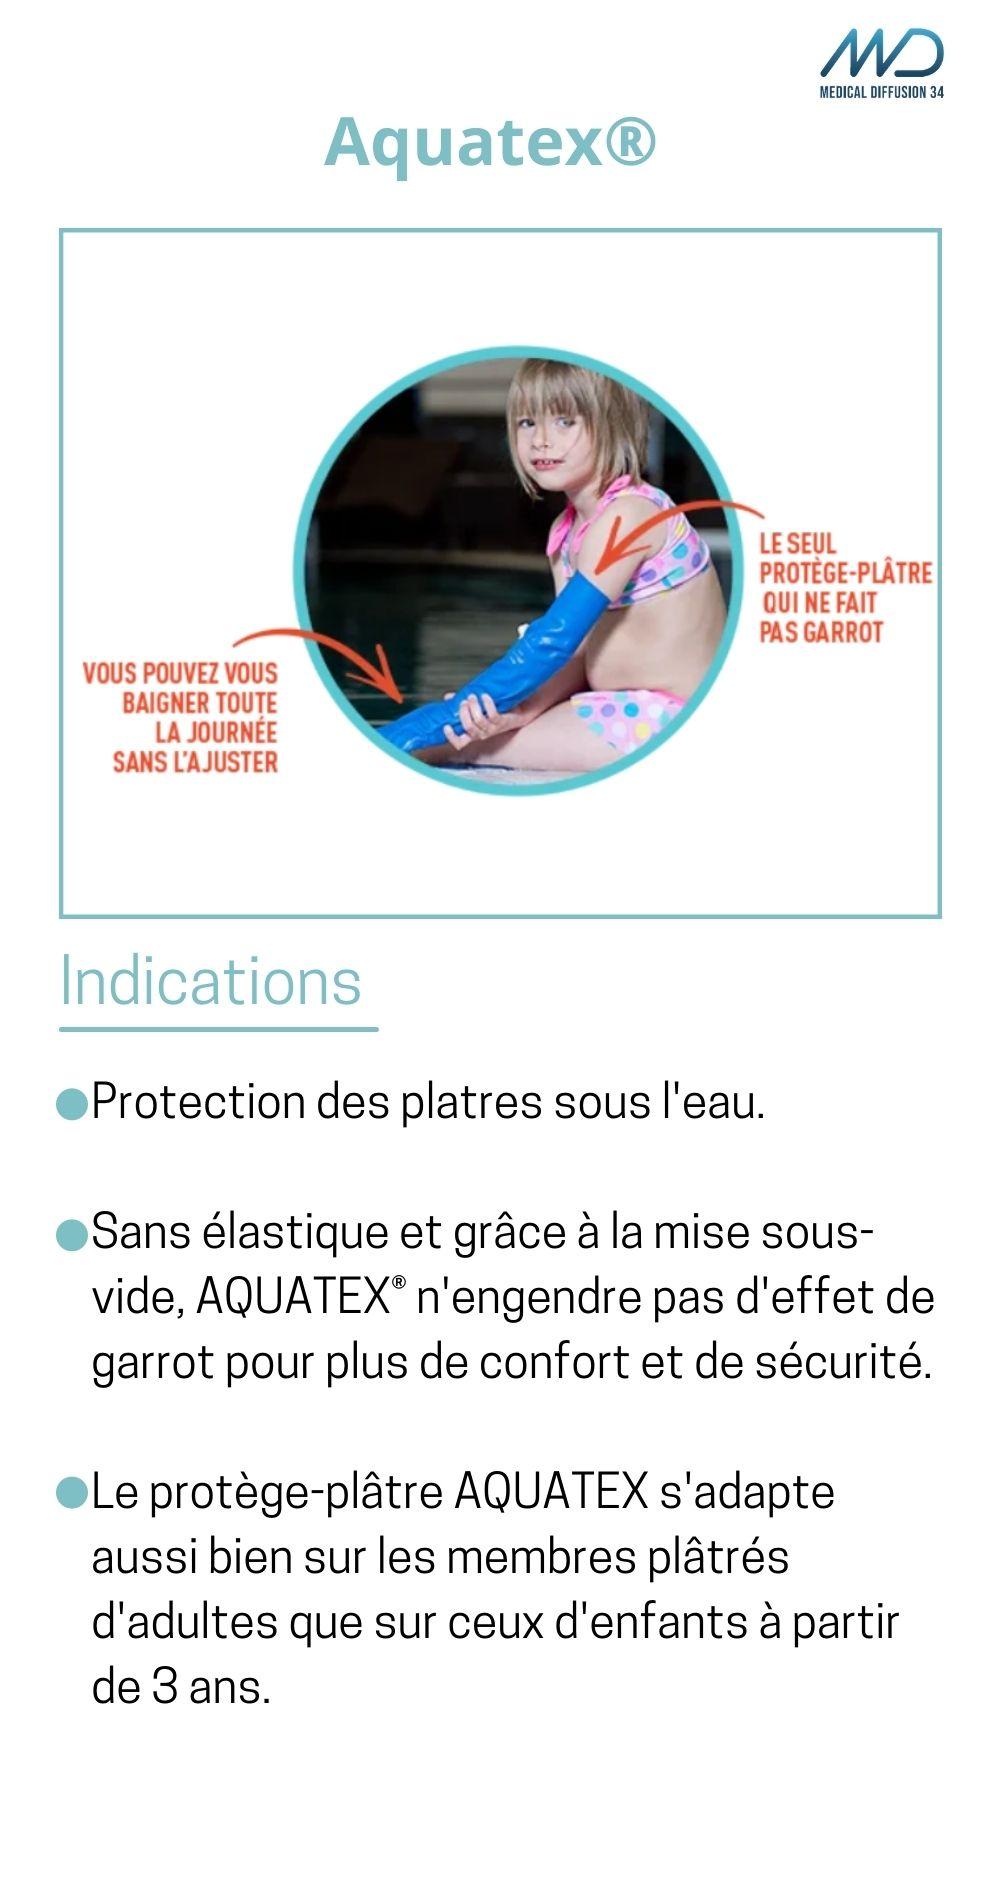 Aquatex - Protection de platre - espace md santé